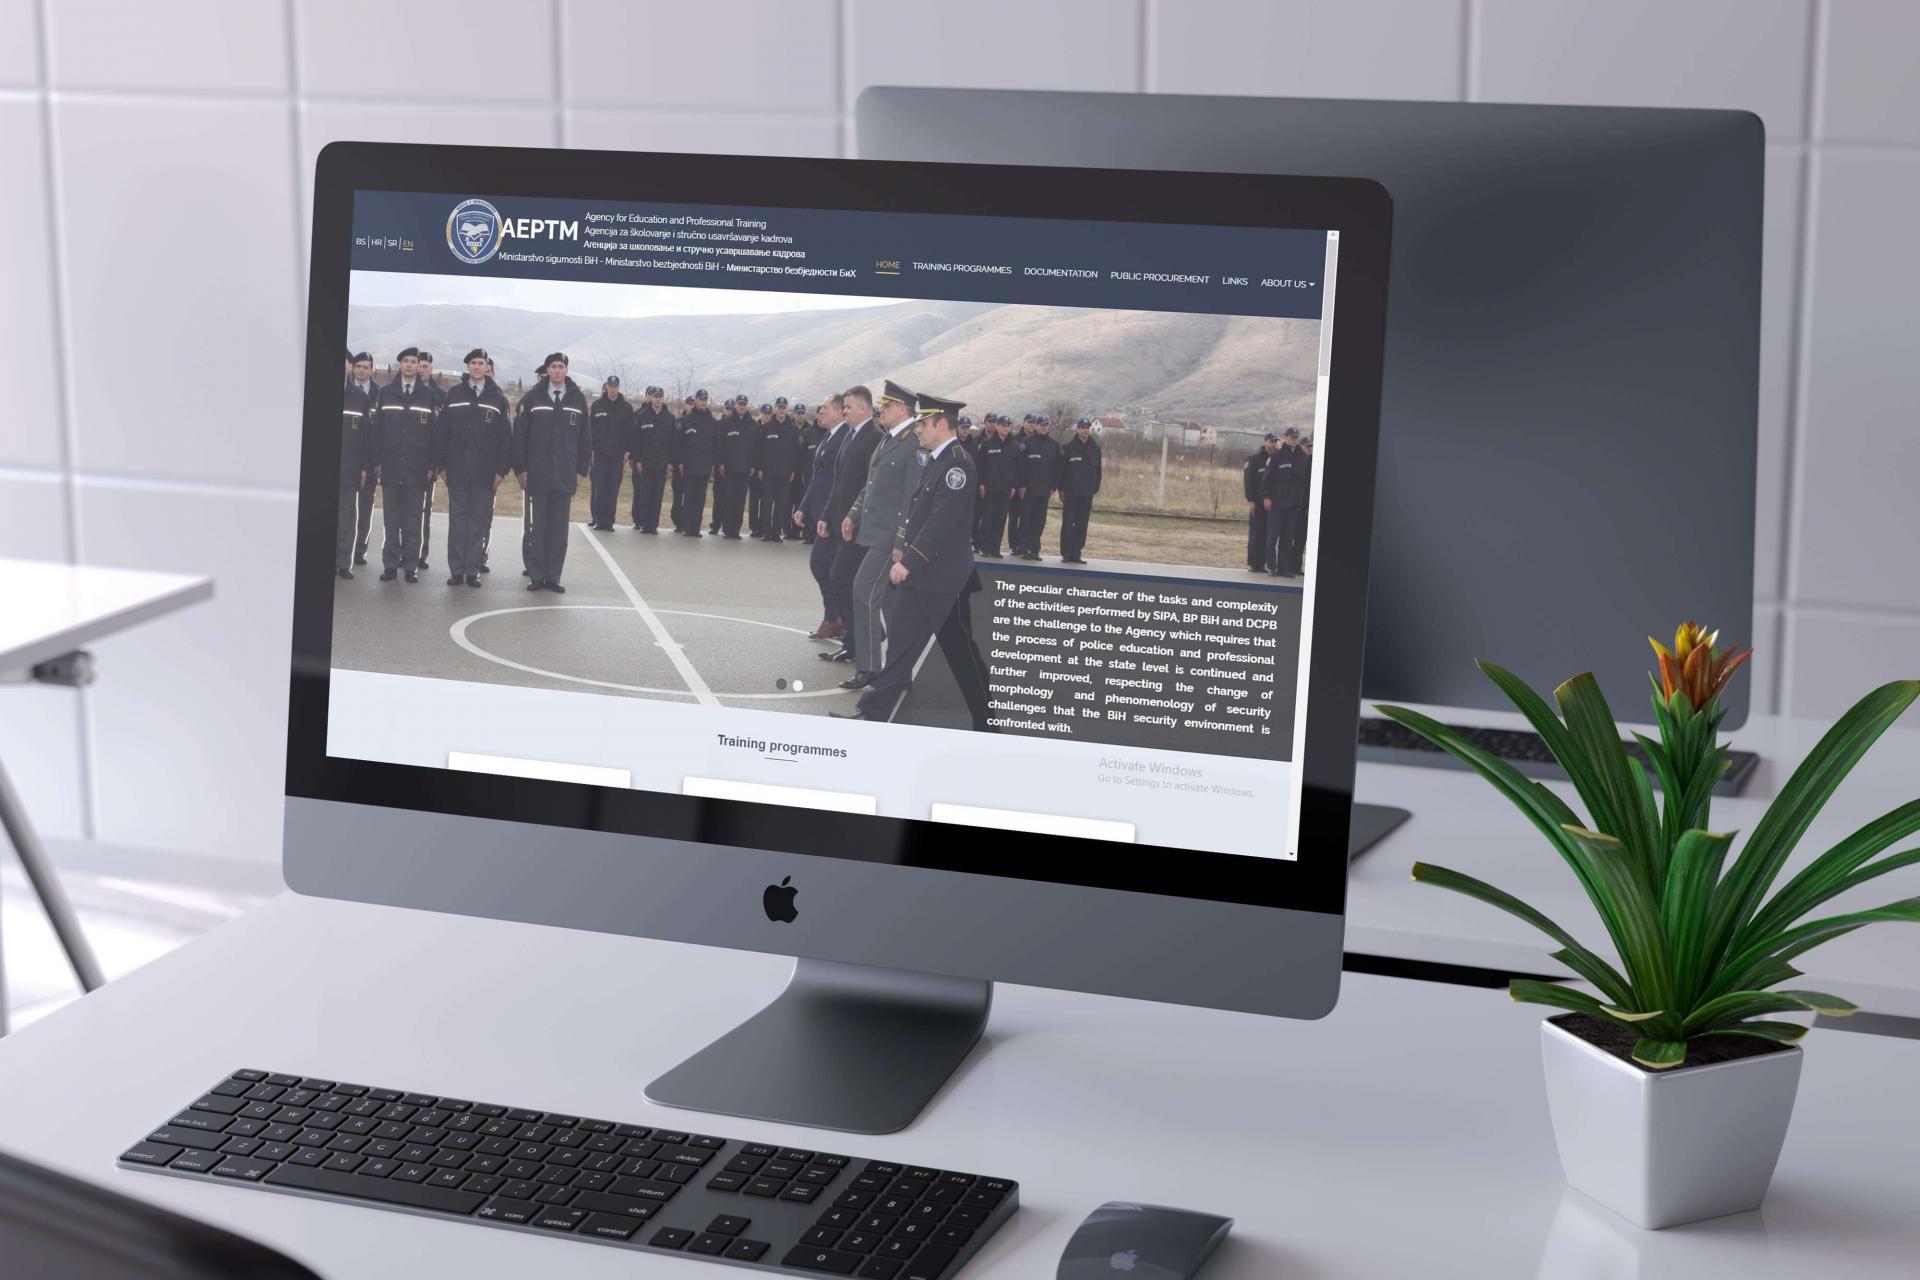 AEPTM official website